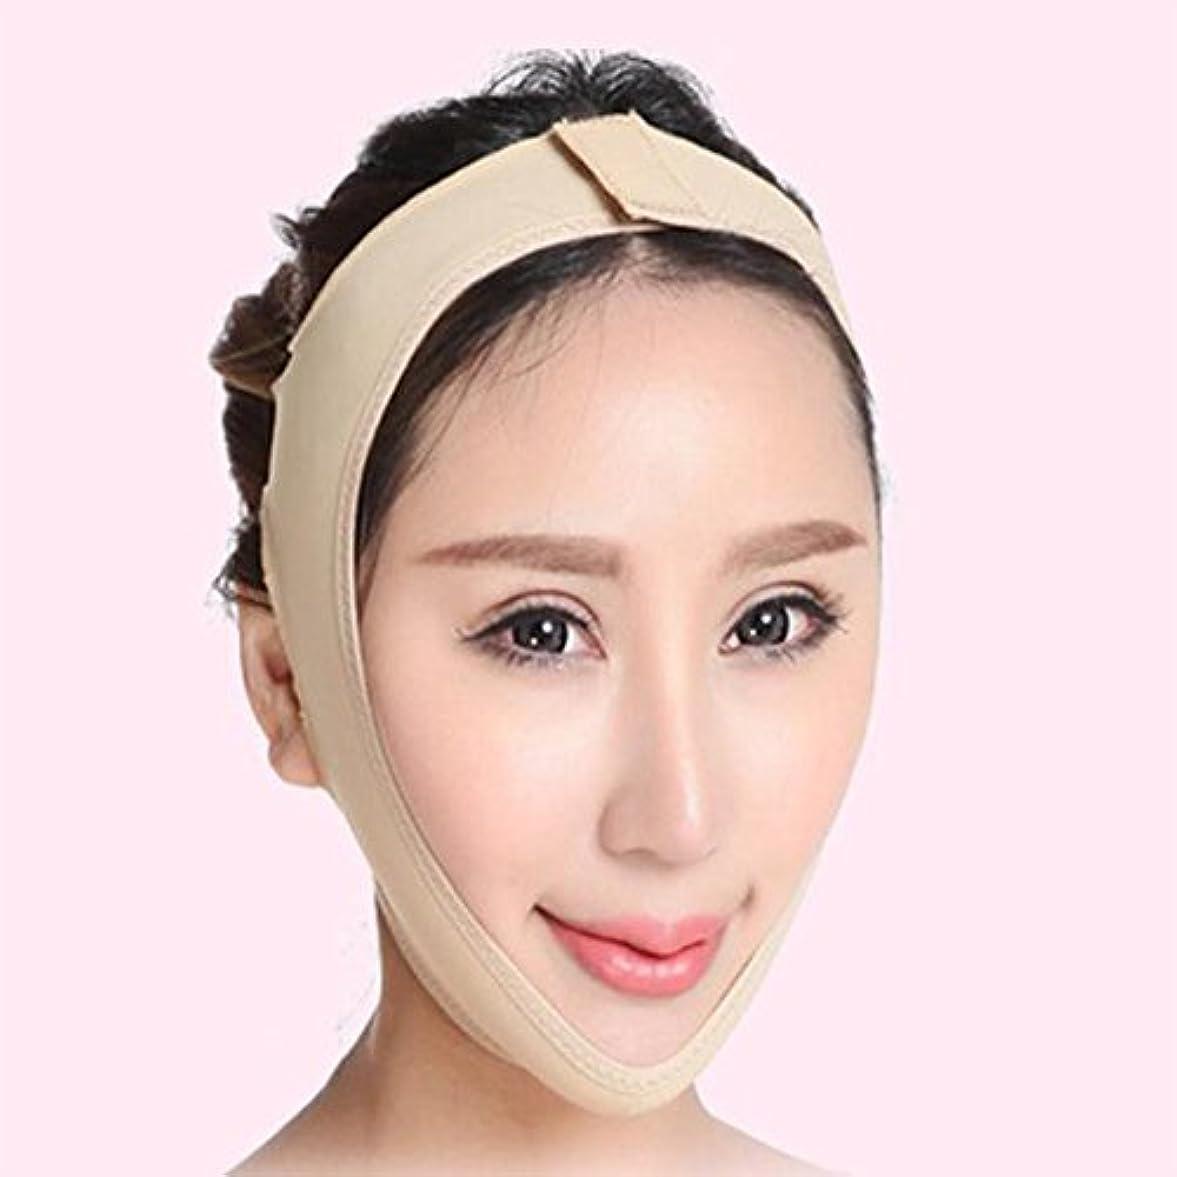 アーサー司令官乱れSD 小顔 小顔マスク リフトアップ マスク フェイスライン 矯正 あご シャープ メンズ レディース Sサイズ AZD15003-S